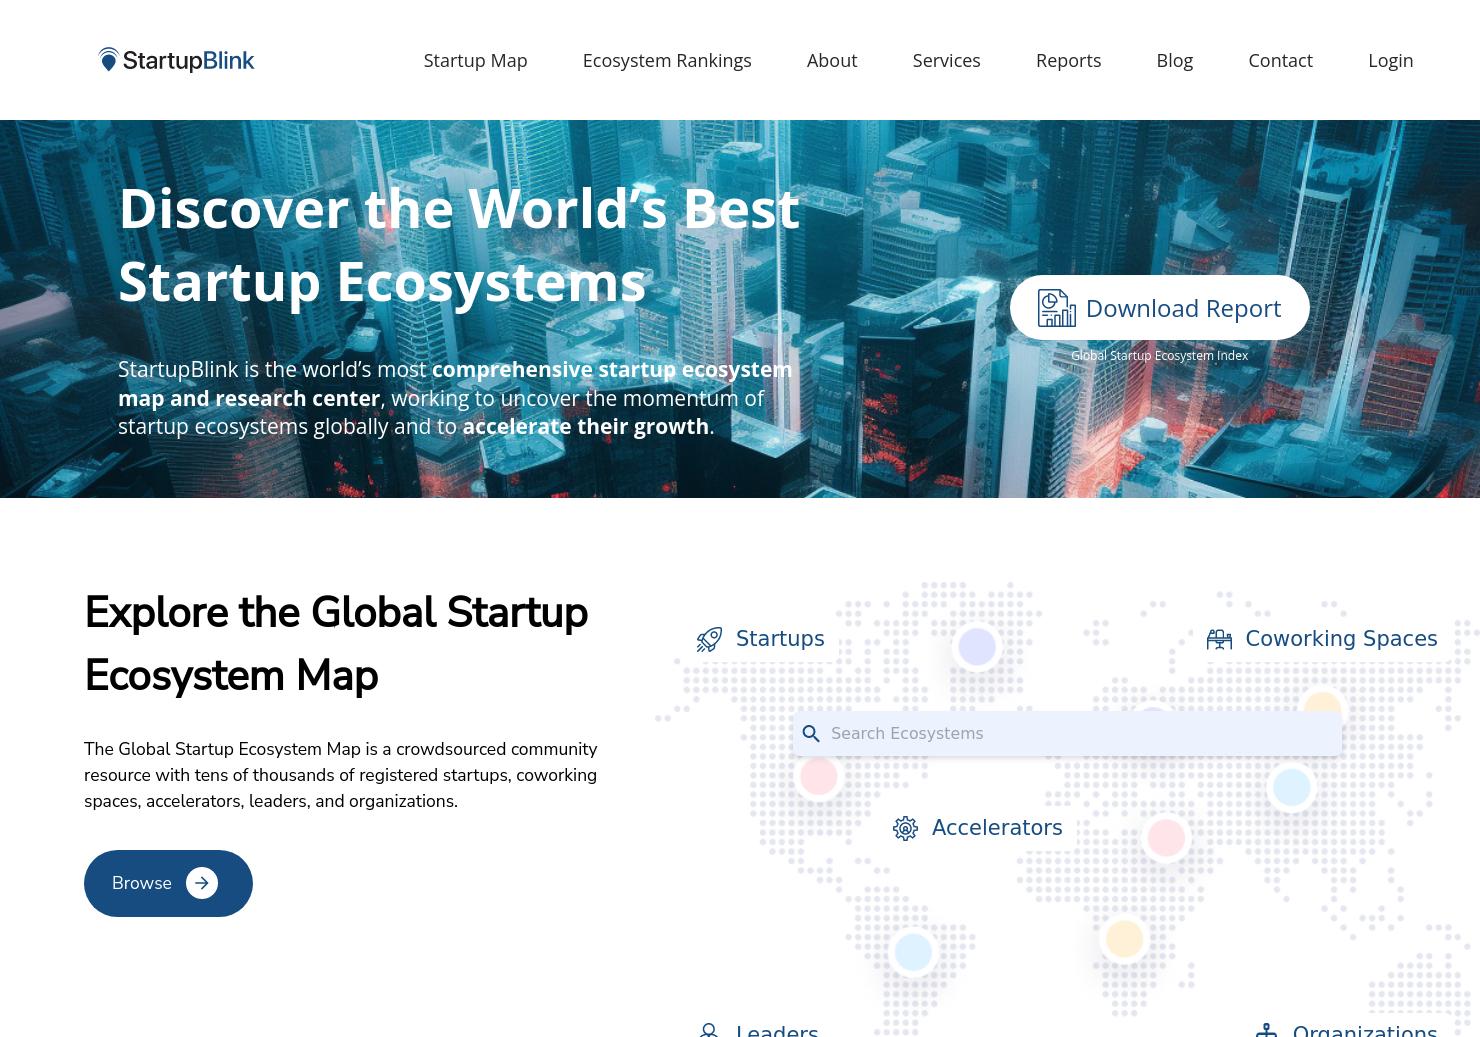 http://startupblink.com/